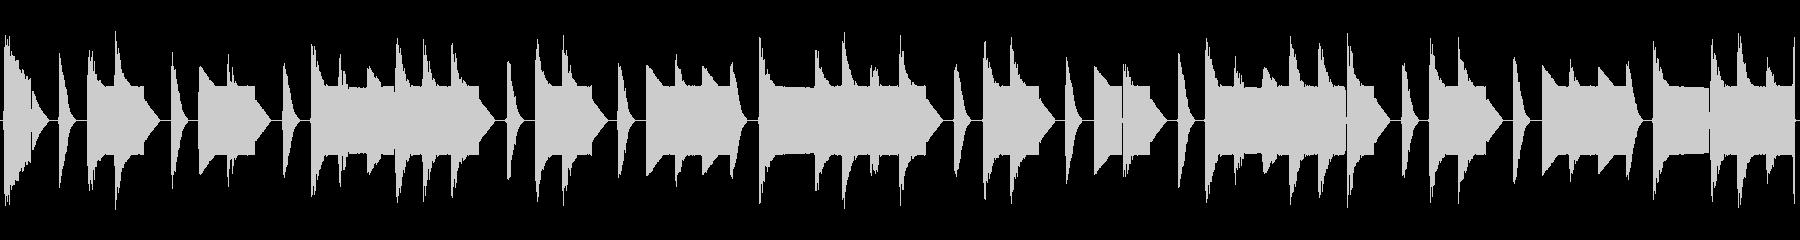 チップチューンの短いループ1の未再生の波形